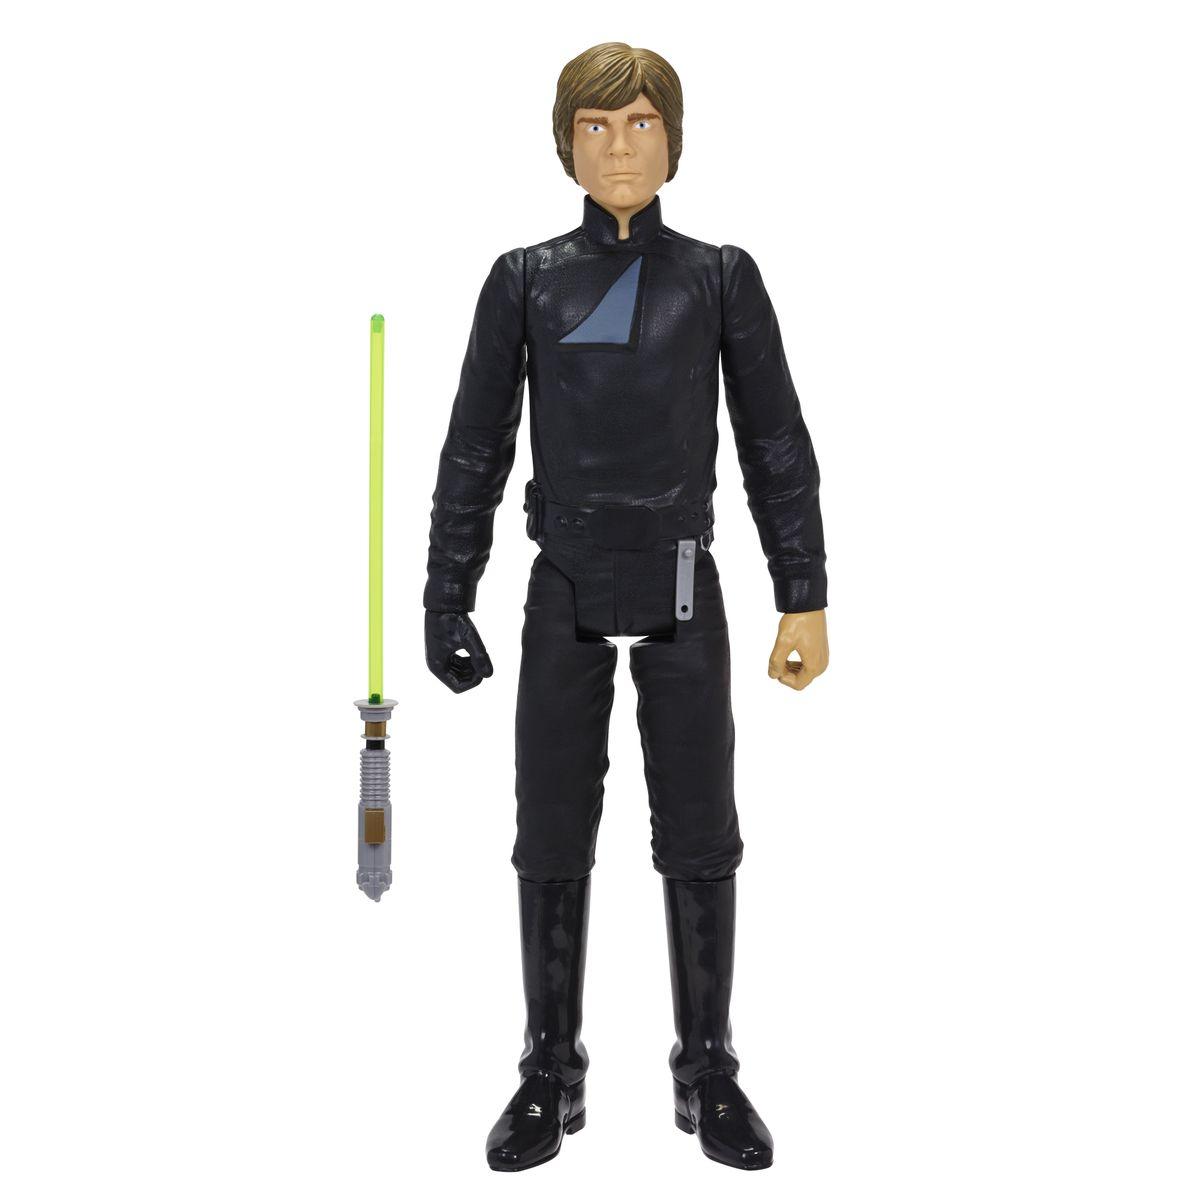 Фигура Звездные Войны Люка Скайвокера, 46 см835740Фигура 46 см персонажа из саги Звездные Войны. 7 точек артикуляции, от 3х лет